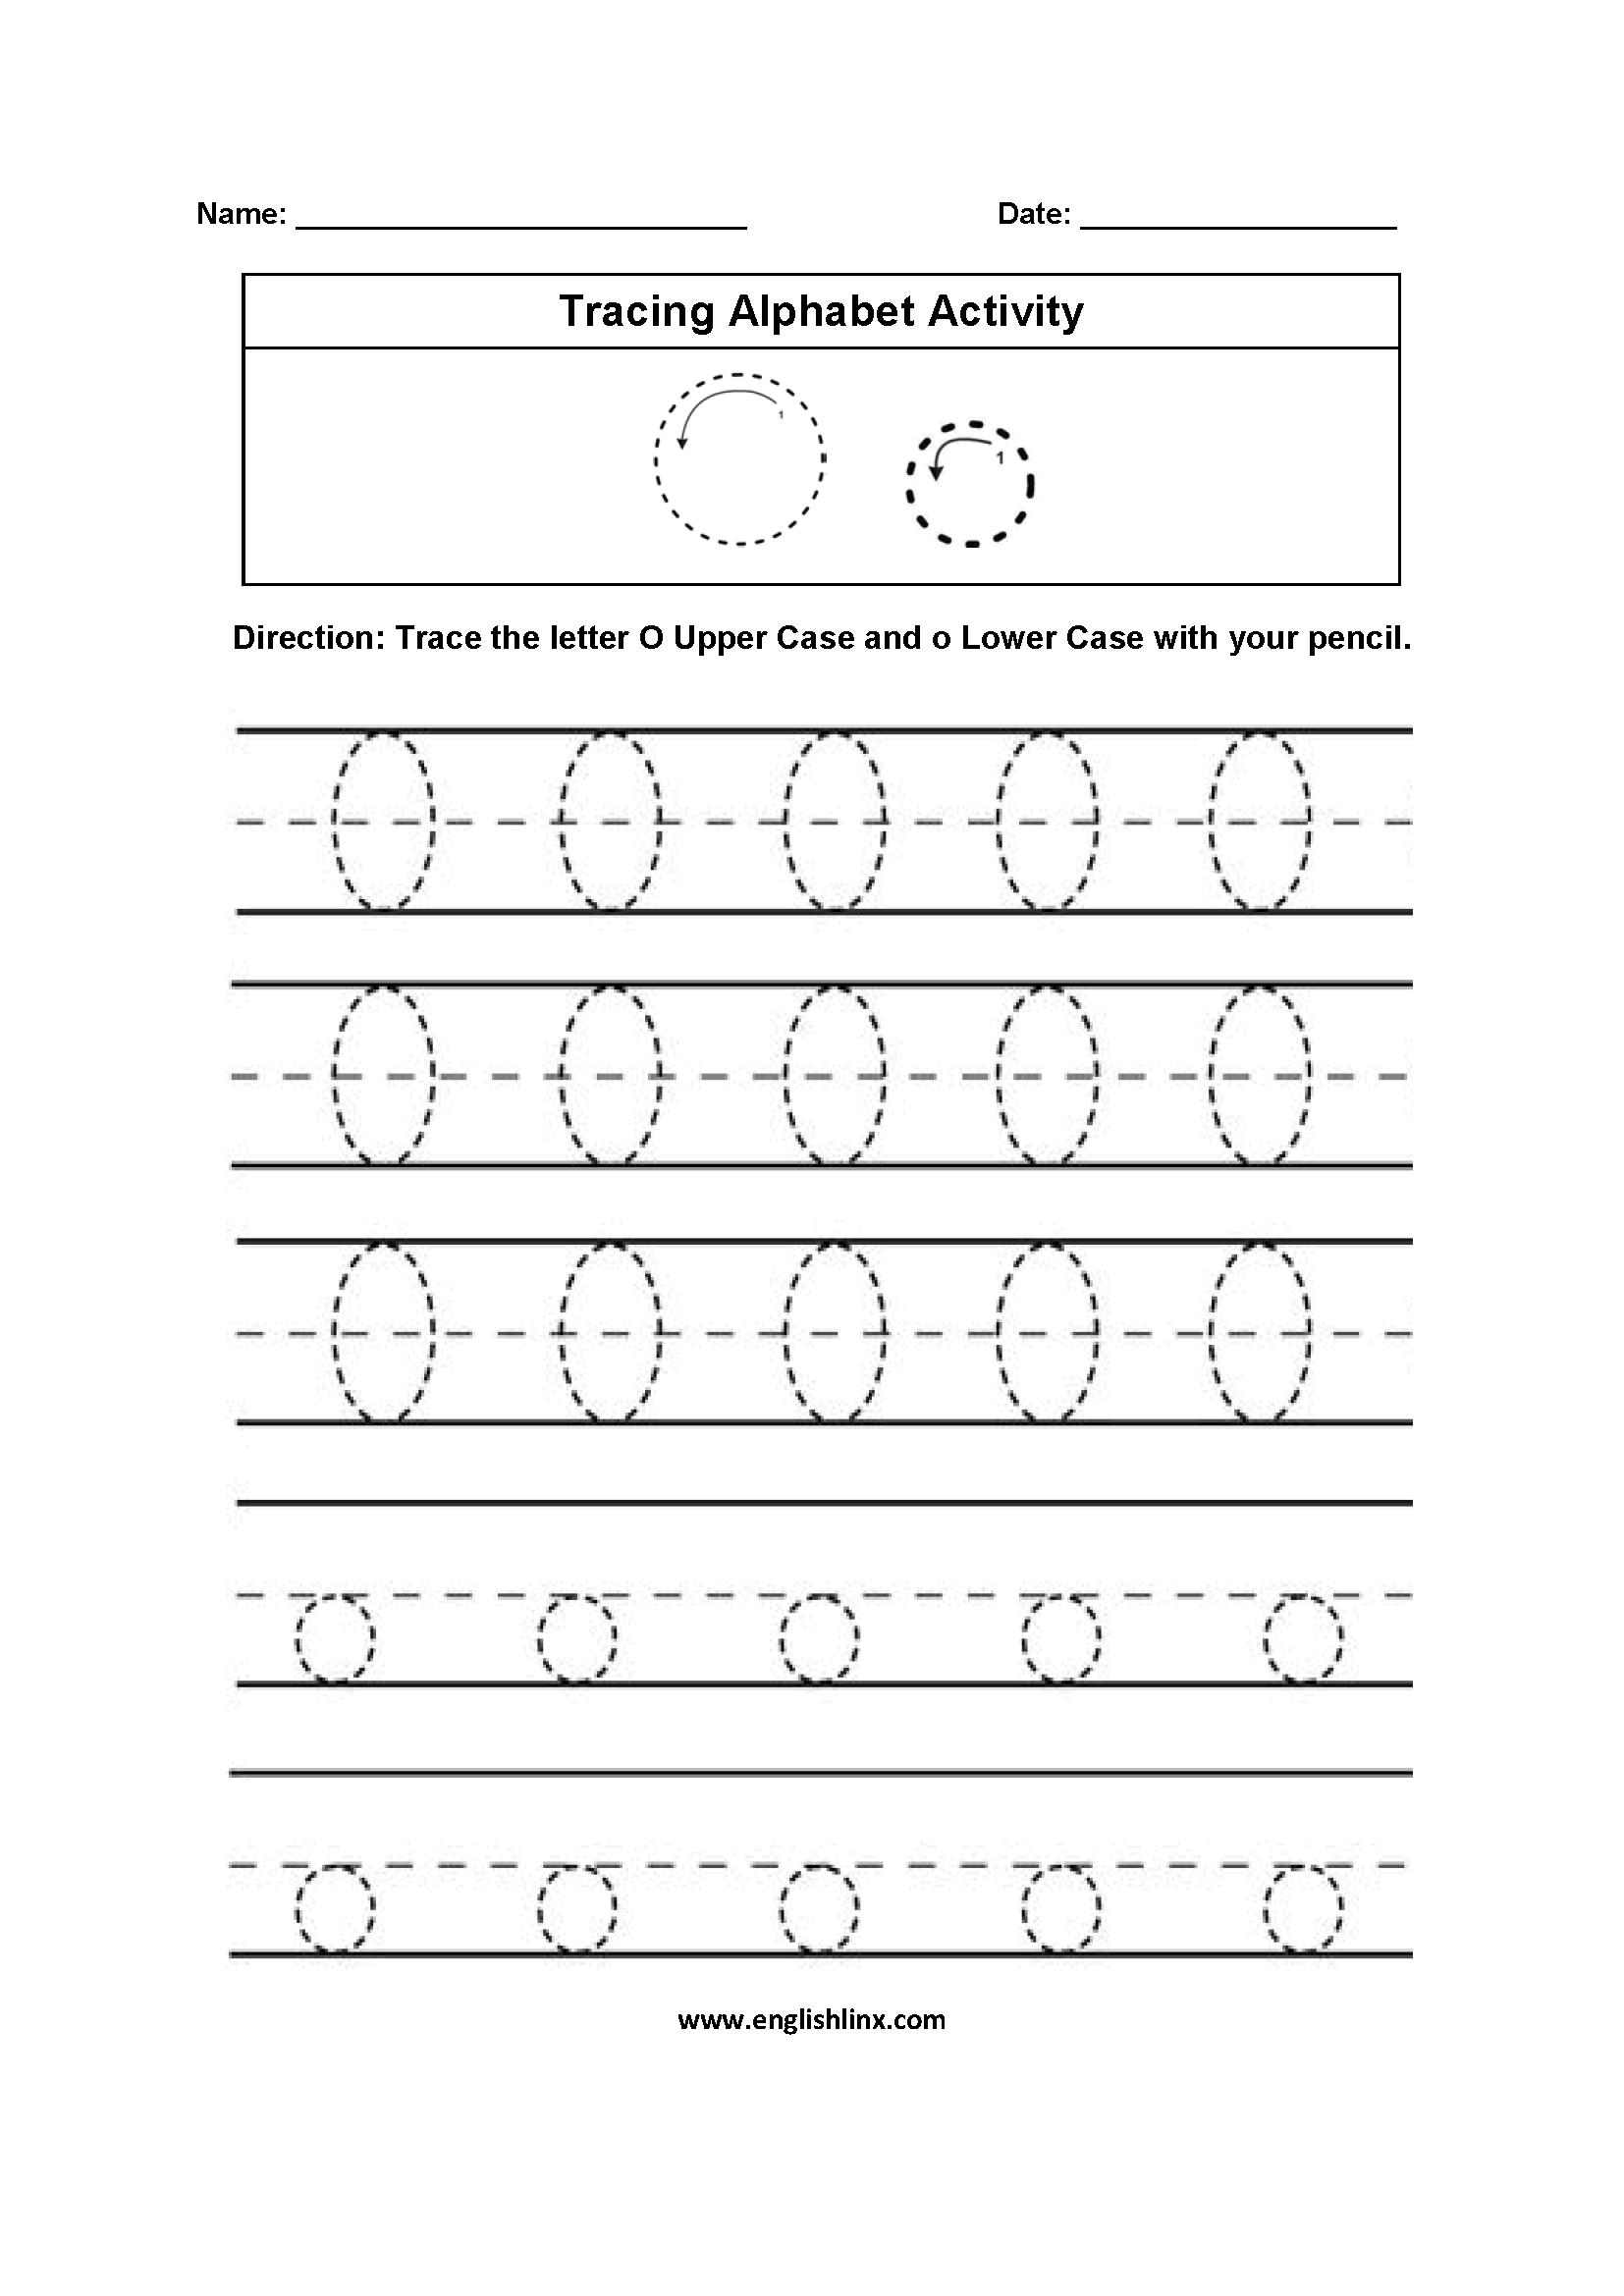 Alphabet Worksheets | Tracing Alphabet Worksheets intended for Tracing Letter O Worksheets